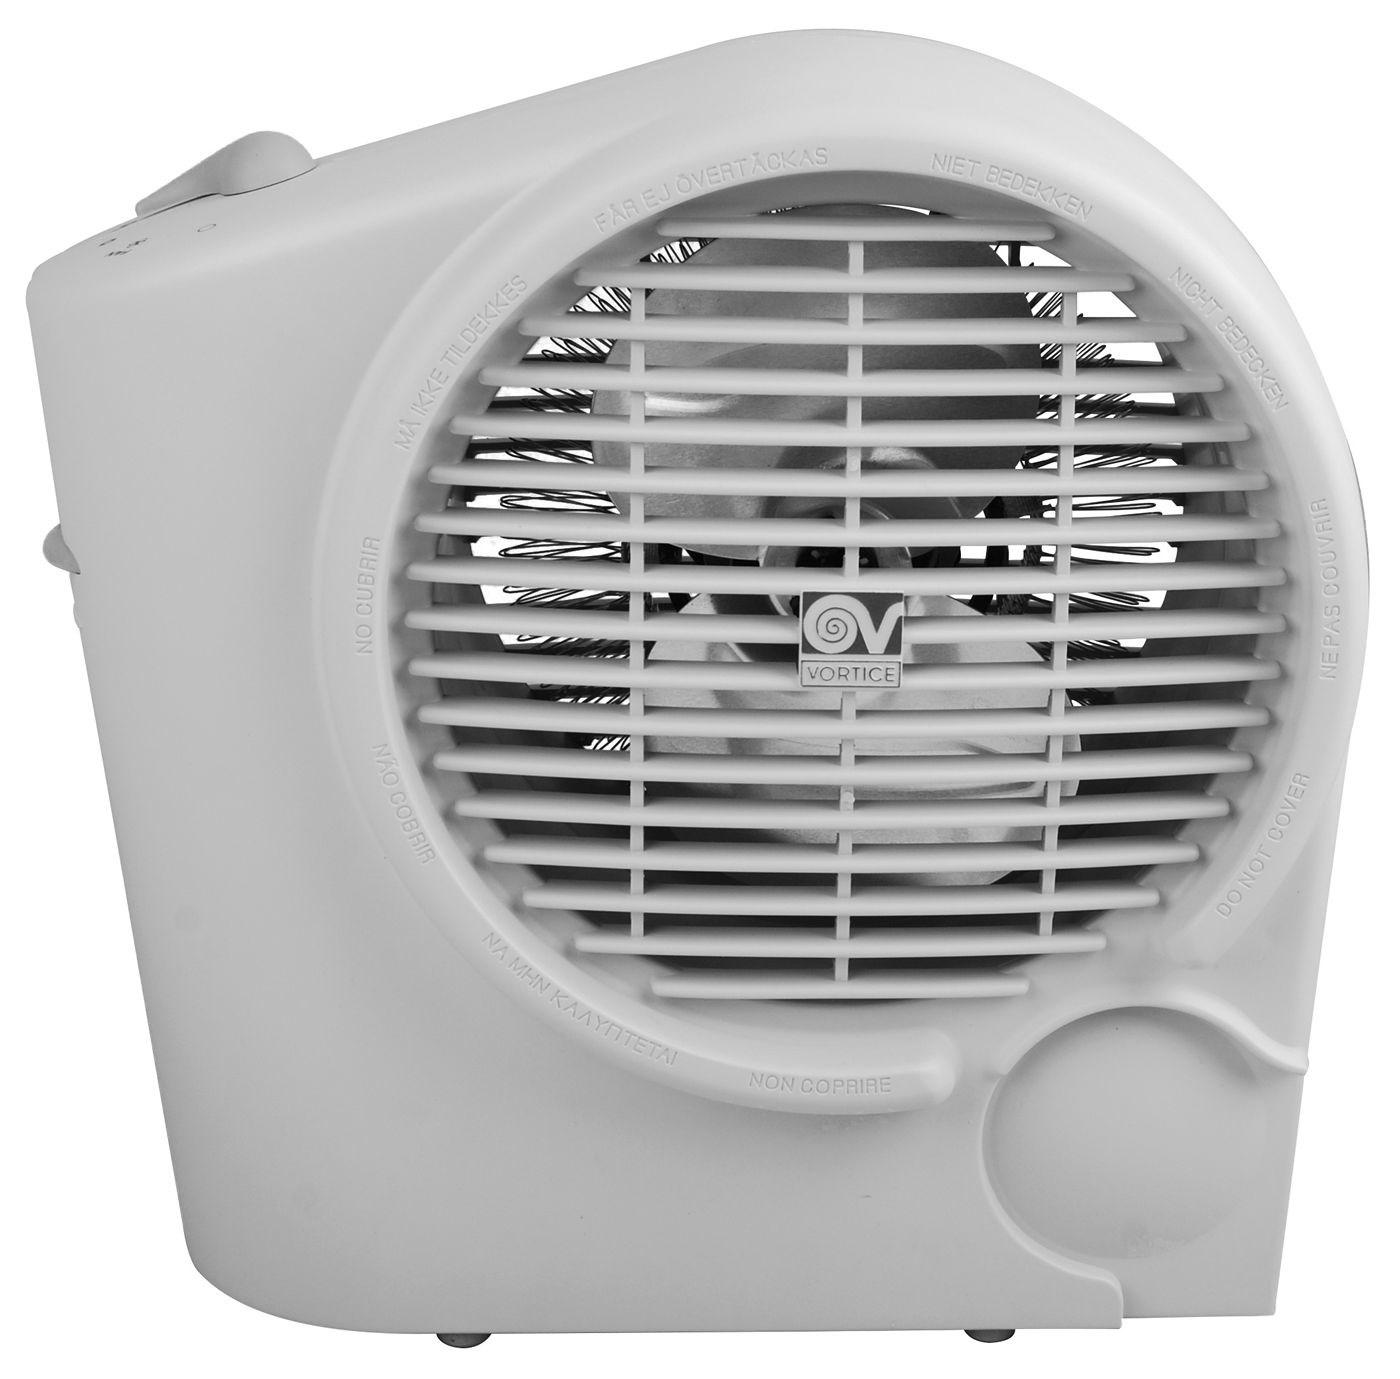 radiateur lectrique soufflant portable scaldatutto 2000 axelair ventilation. Black Bedroom Furniture Sets. Home Design Ideas